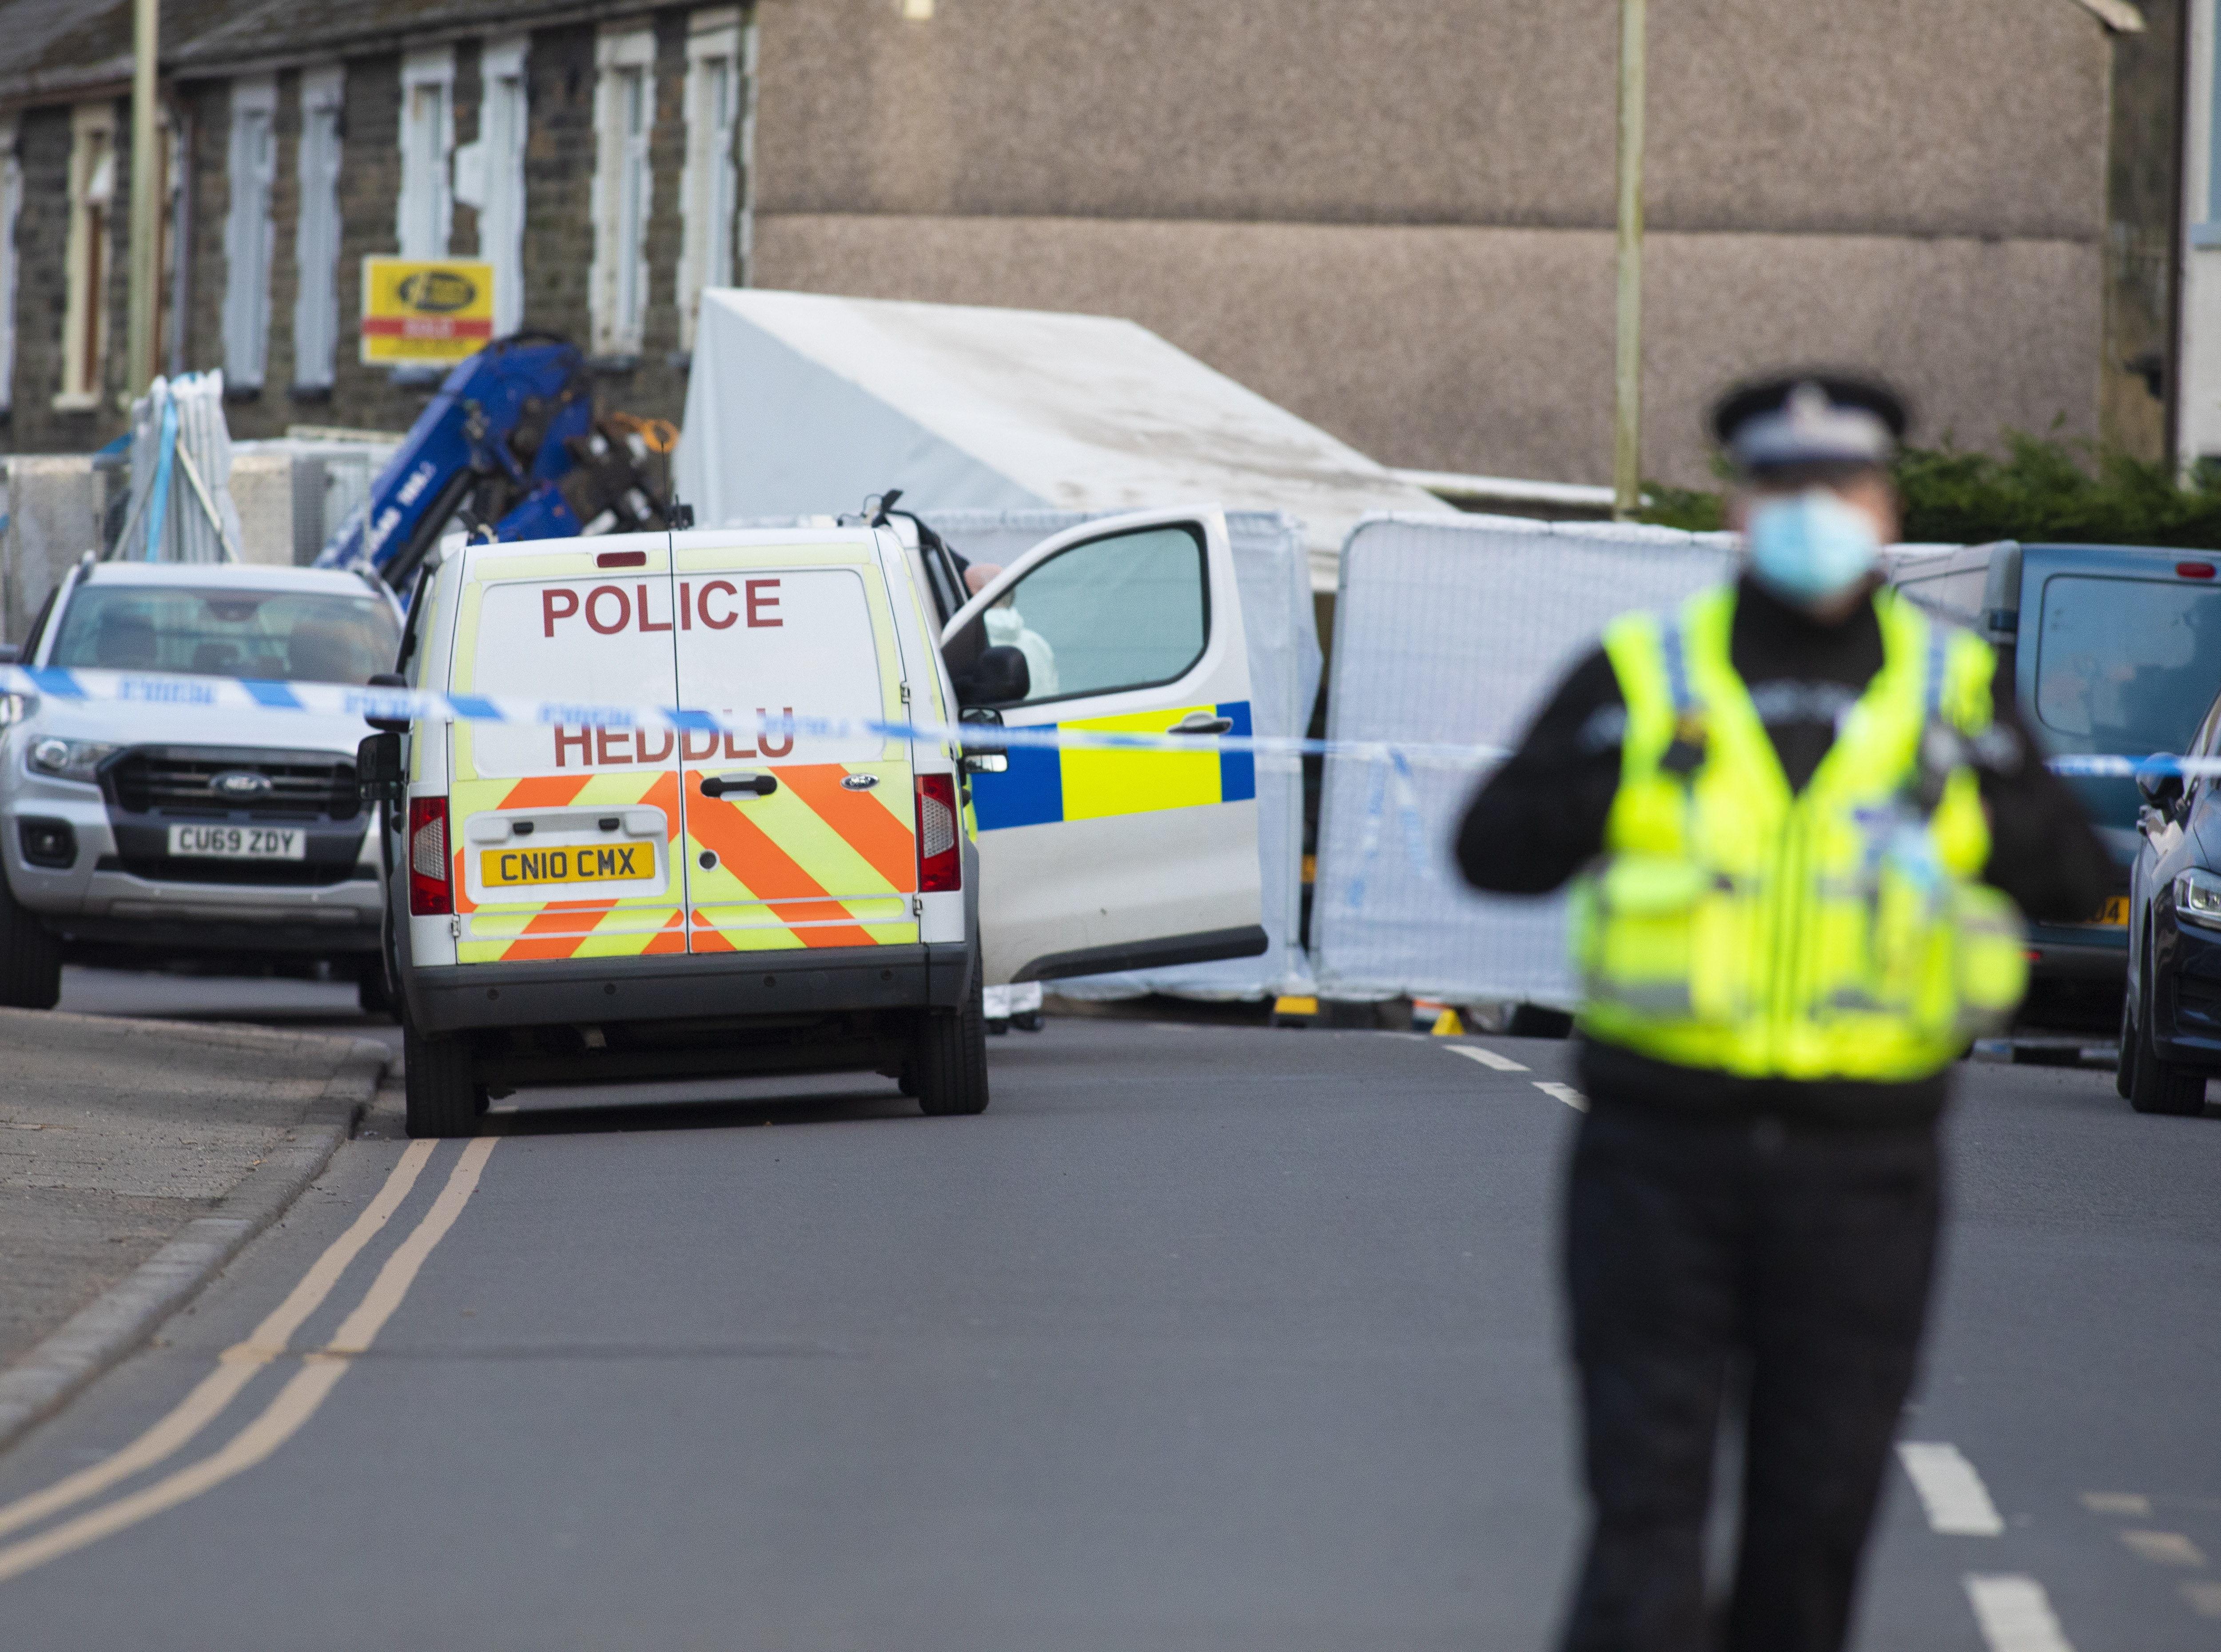 Policía en la calle Baglan, en Rhondda, donde ocurrió el incidente.